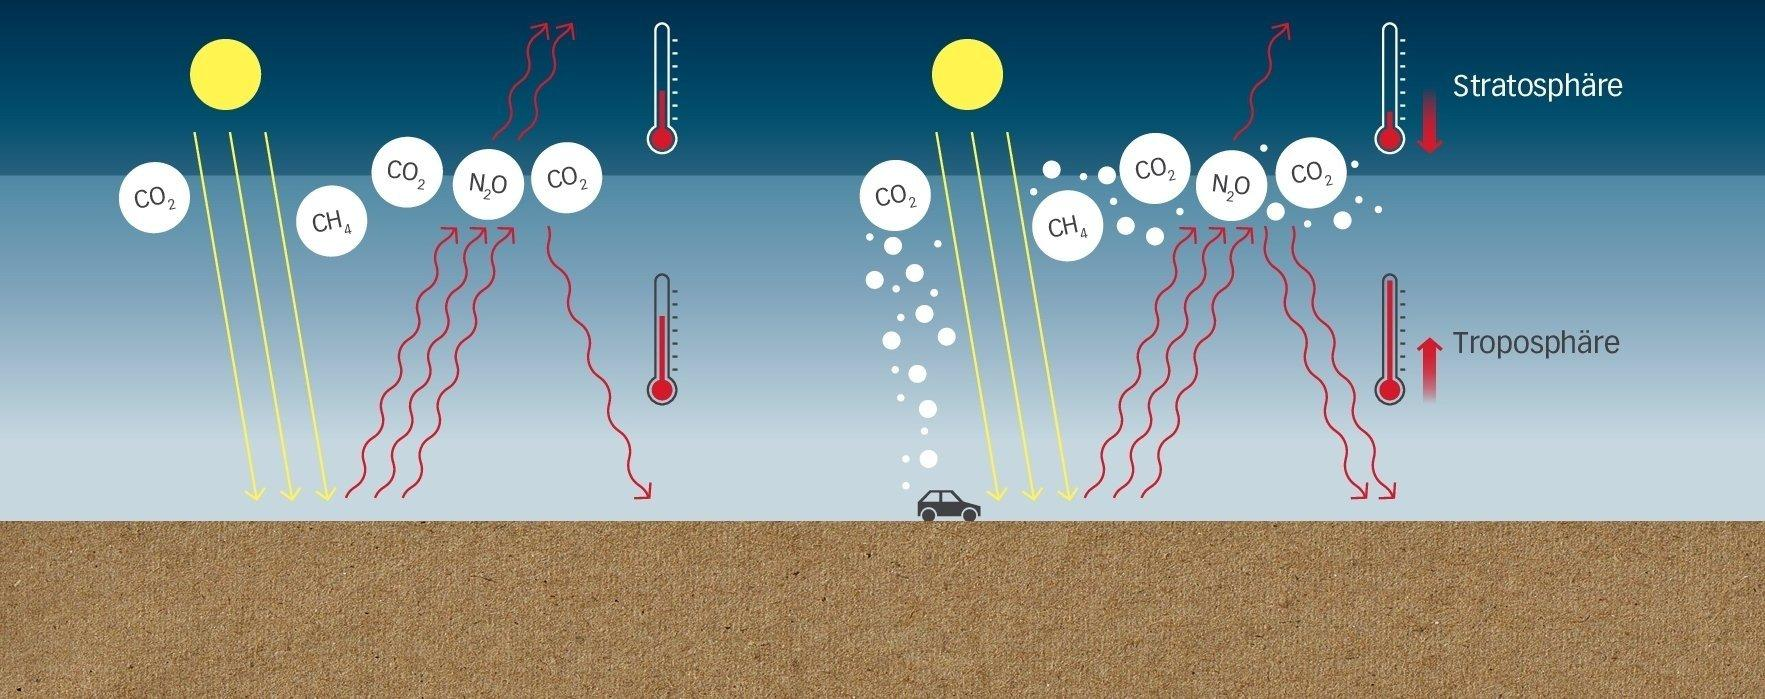 Das besprochene Buch enthält für alle Texte erklärende Grafiken. Diese zeigt, wie der gesteigerte Treibhaus-Effekt im Detail funktioniert und welchen Gase beteiligt sind: Kohlendioxid CO2, Methan CH4und Stickoxid N2O. Durch die veränderte Wärmestrahlung wird die untere Atmosphären-Schicht, die Troposphäre wärmer und die darüber liegenden Stratosphäre kühler. –  … Der natürliche Treibhaus-Effekt (links) vergrößert sich, wenn die Menschheit zum Beispiel mit den Autoabgasen die Menge von CO2und anderen Substanzen in der Atmosphäre vergrößert. …